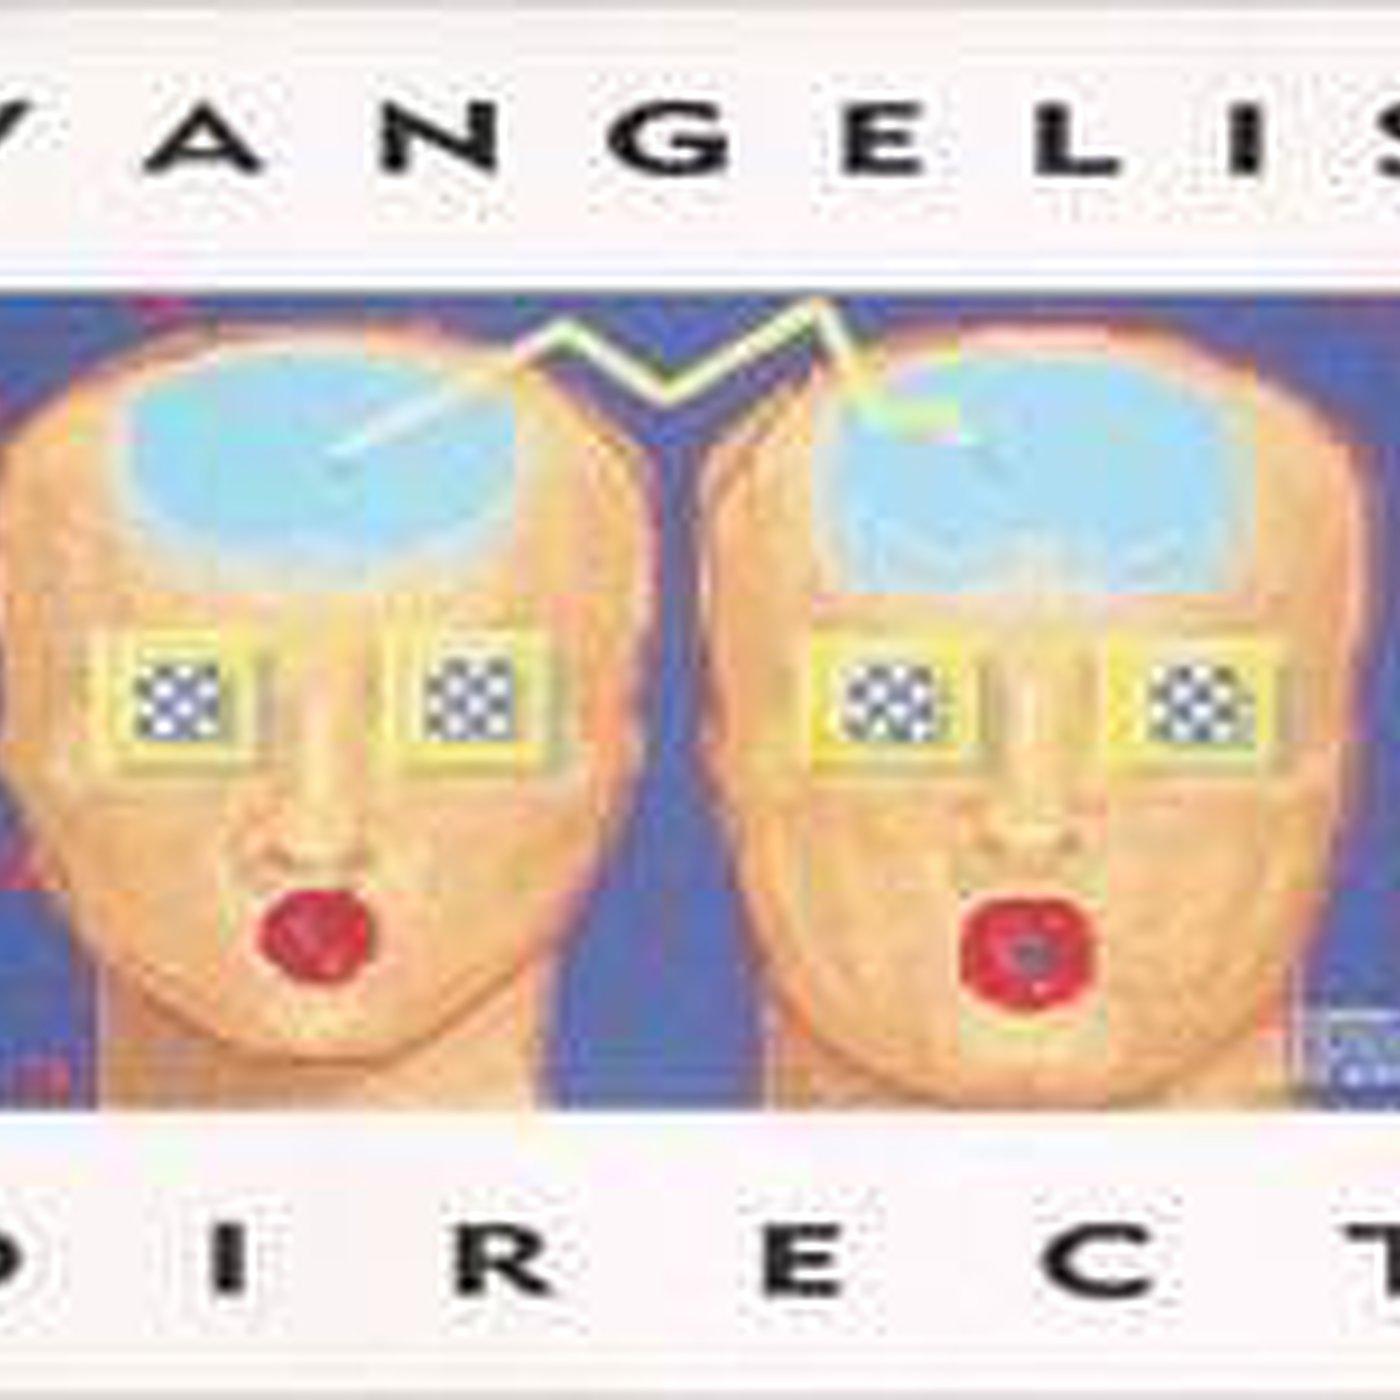 Vangelis dial out en musicas milenio 3 y cuarto milenio for Episodios cuarto milenio